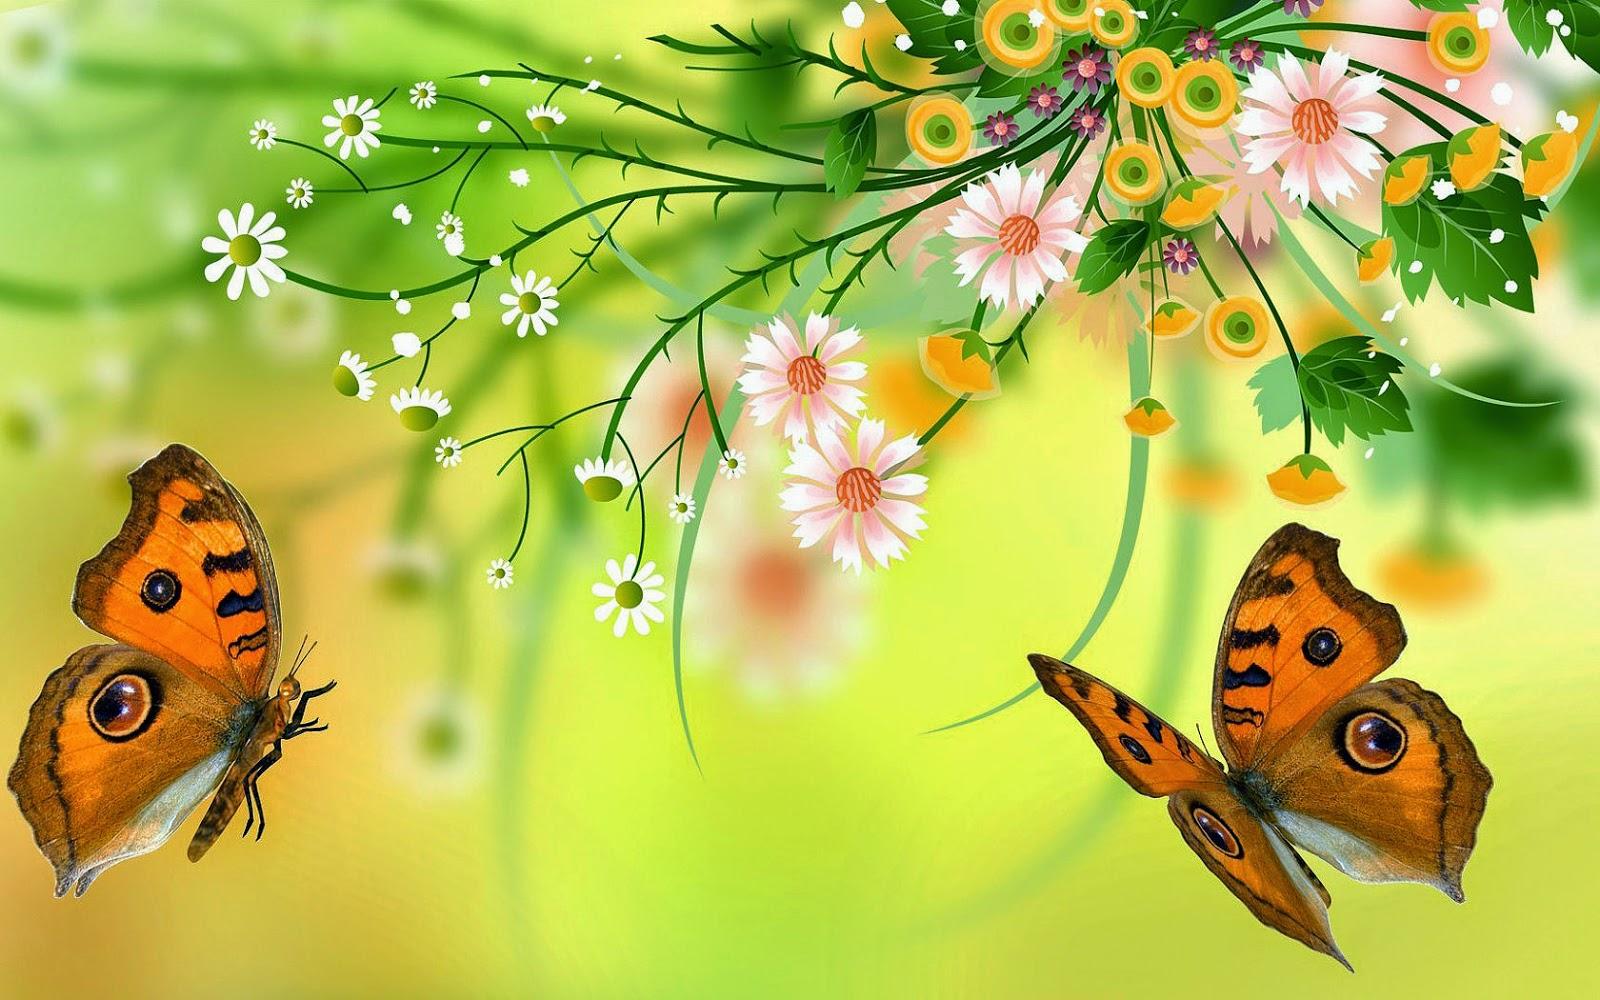 Bloemen en vlinders in de lente of zomer